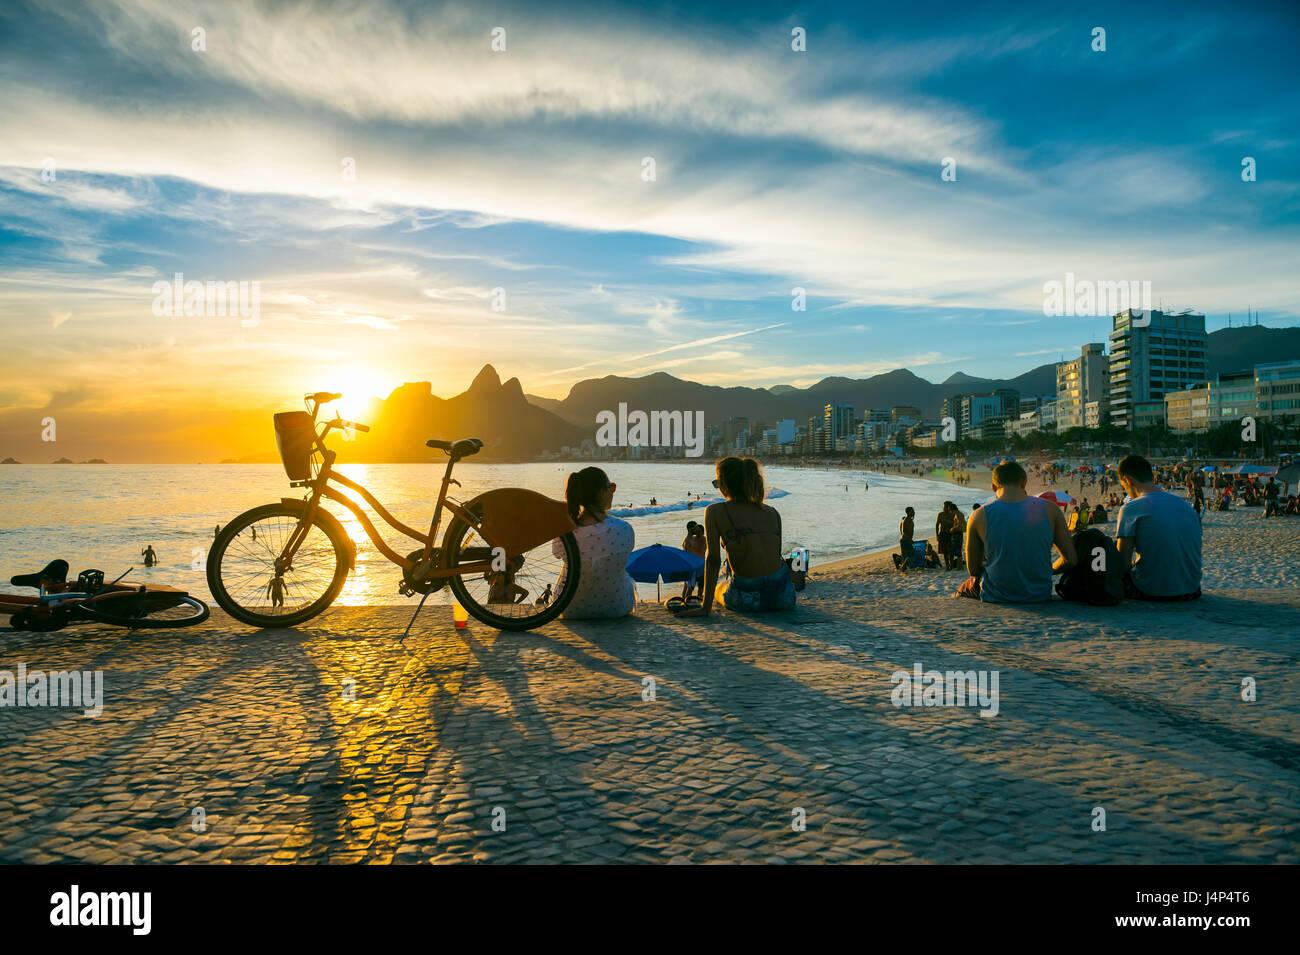 Les gens assis à regarder le coucher du soleil, l'Arpoador à une activité estivales les plus Photo Stock